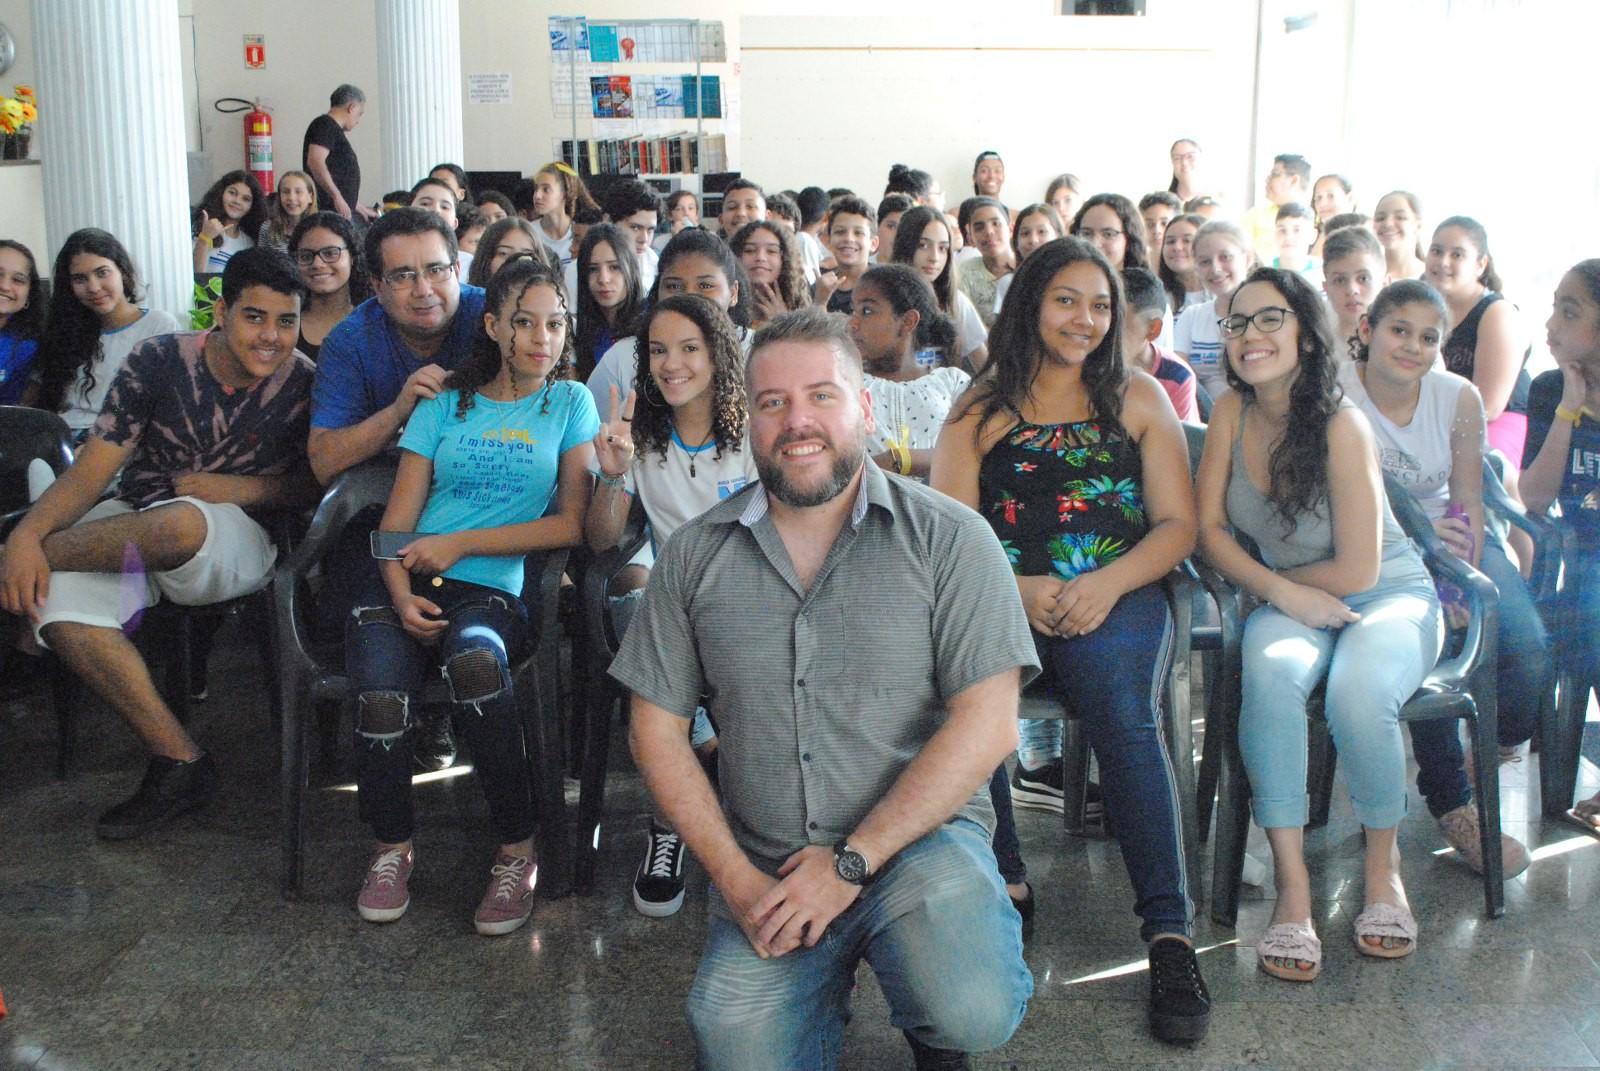 Viagem Literária reúne cerca de 100 pessoas na Biblioteca Municipal de Tupã - Notícias - Plantão Diário